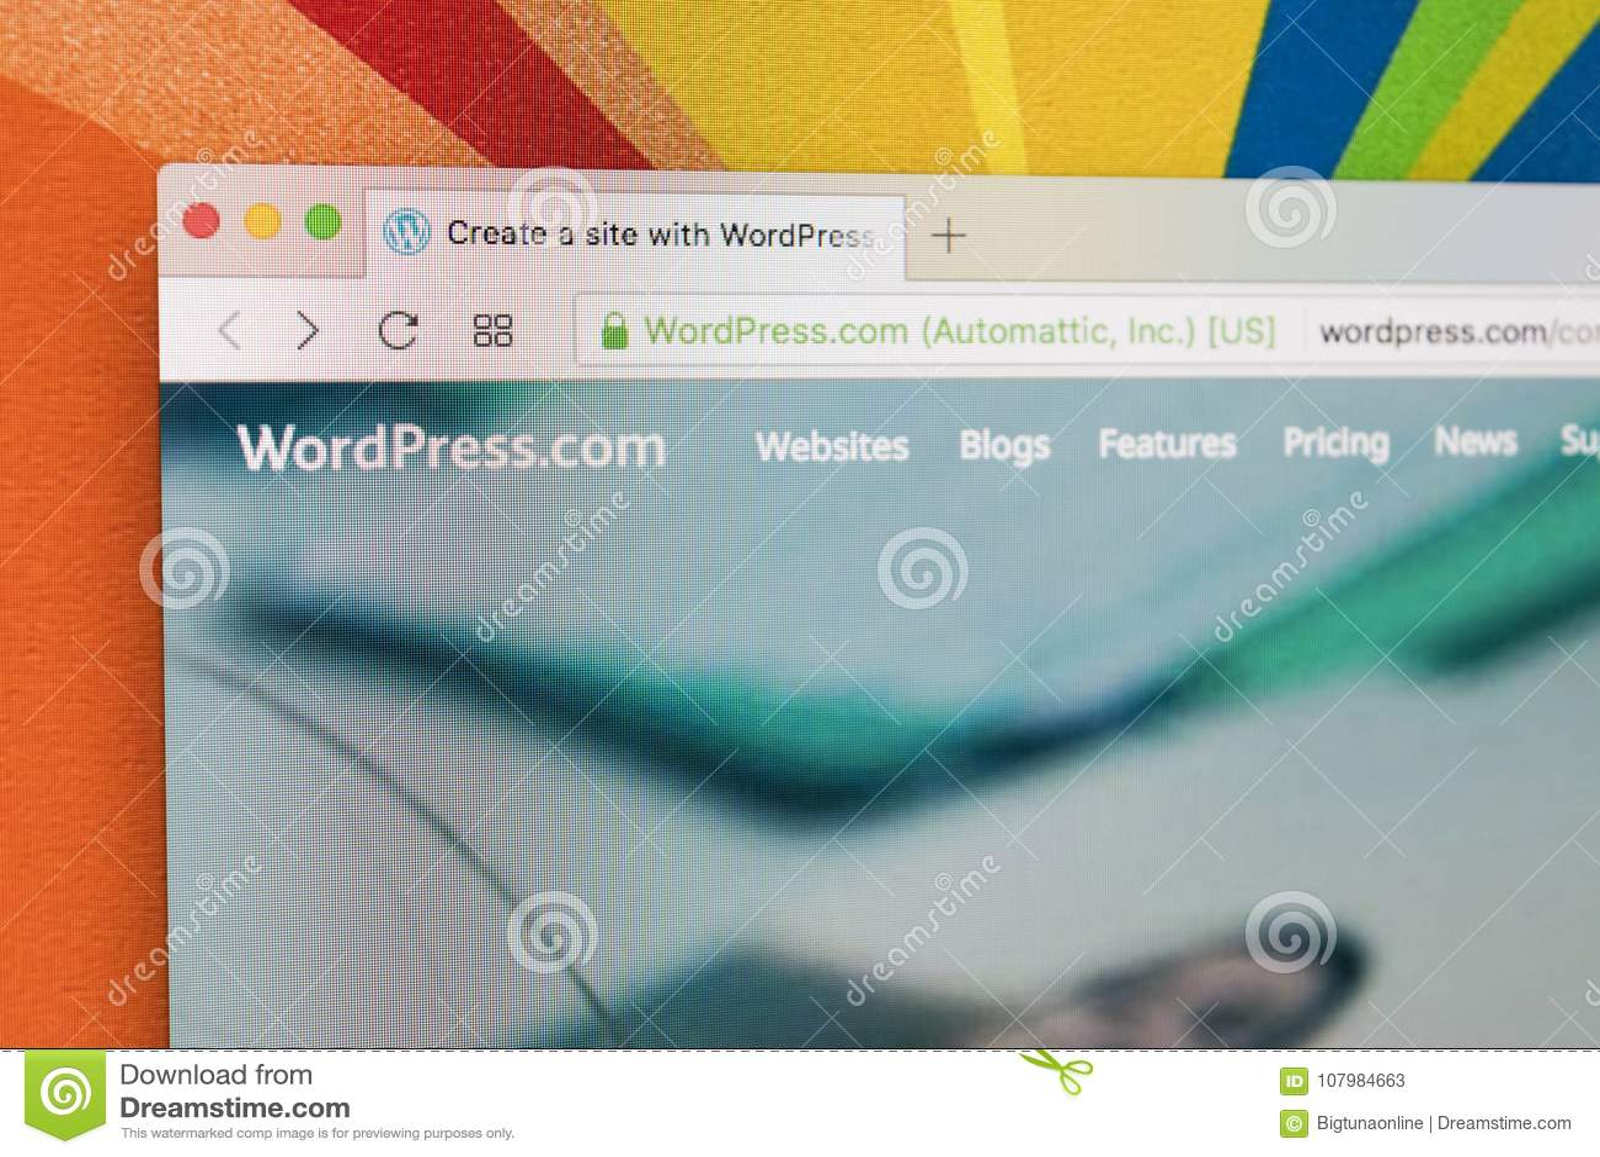 Apple IMac mit Wordpress homepage auf Bildschirm unter Lupe Homepage von Wordpress COM auf PC-Computer